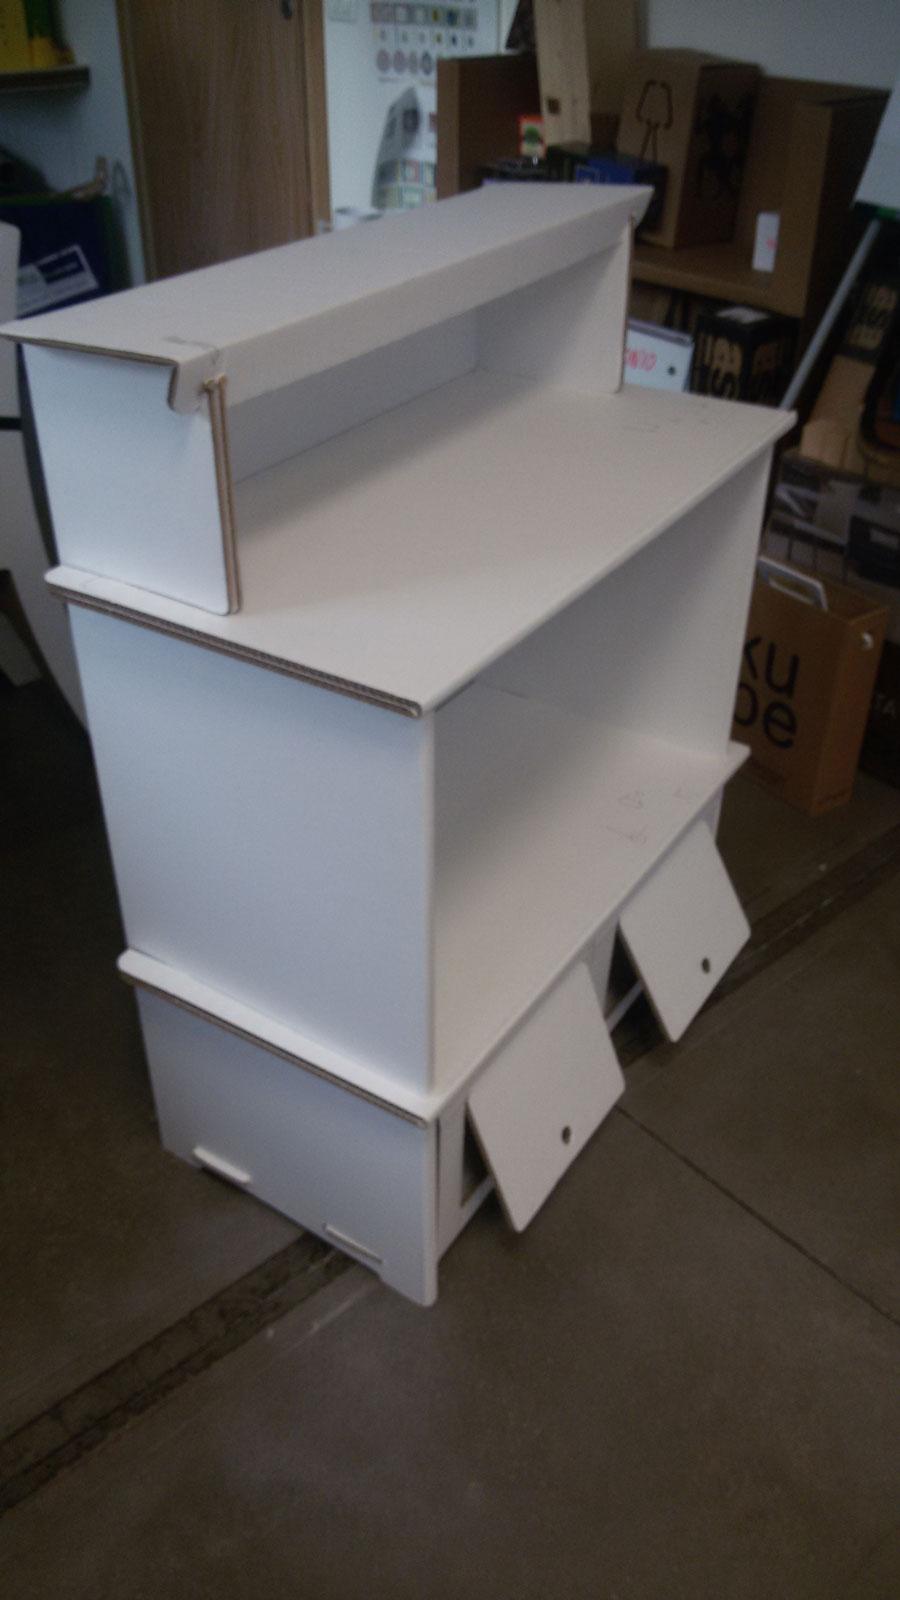 carrefour mobilier en carton architexture carton. Black Bedroom Furniture Sets. Home Design Ideas